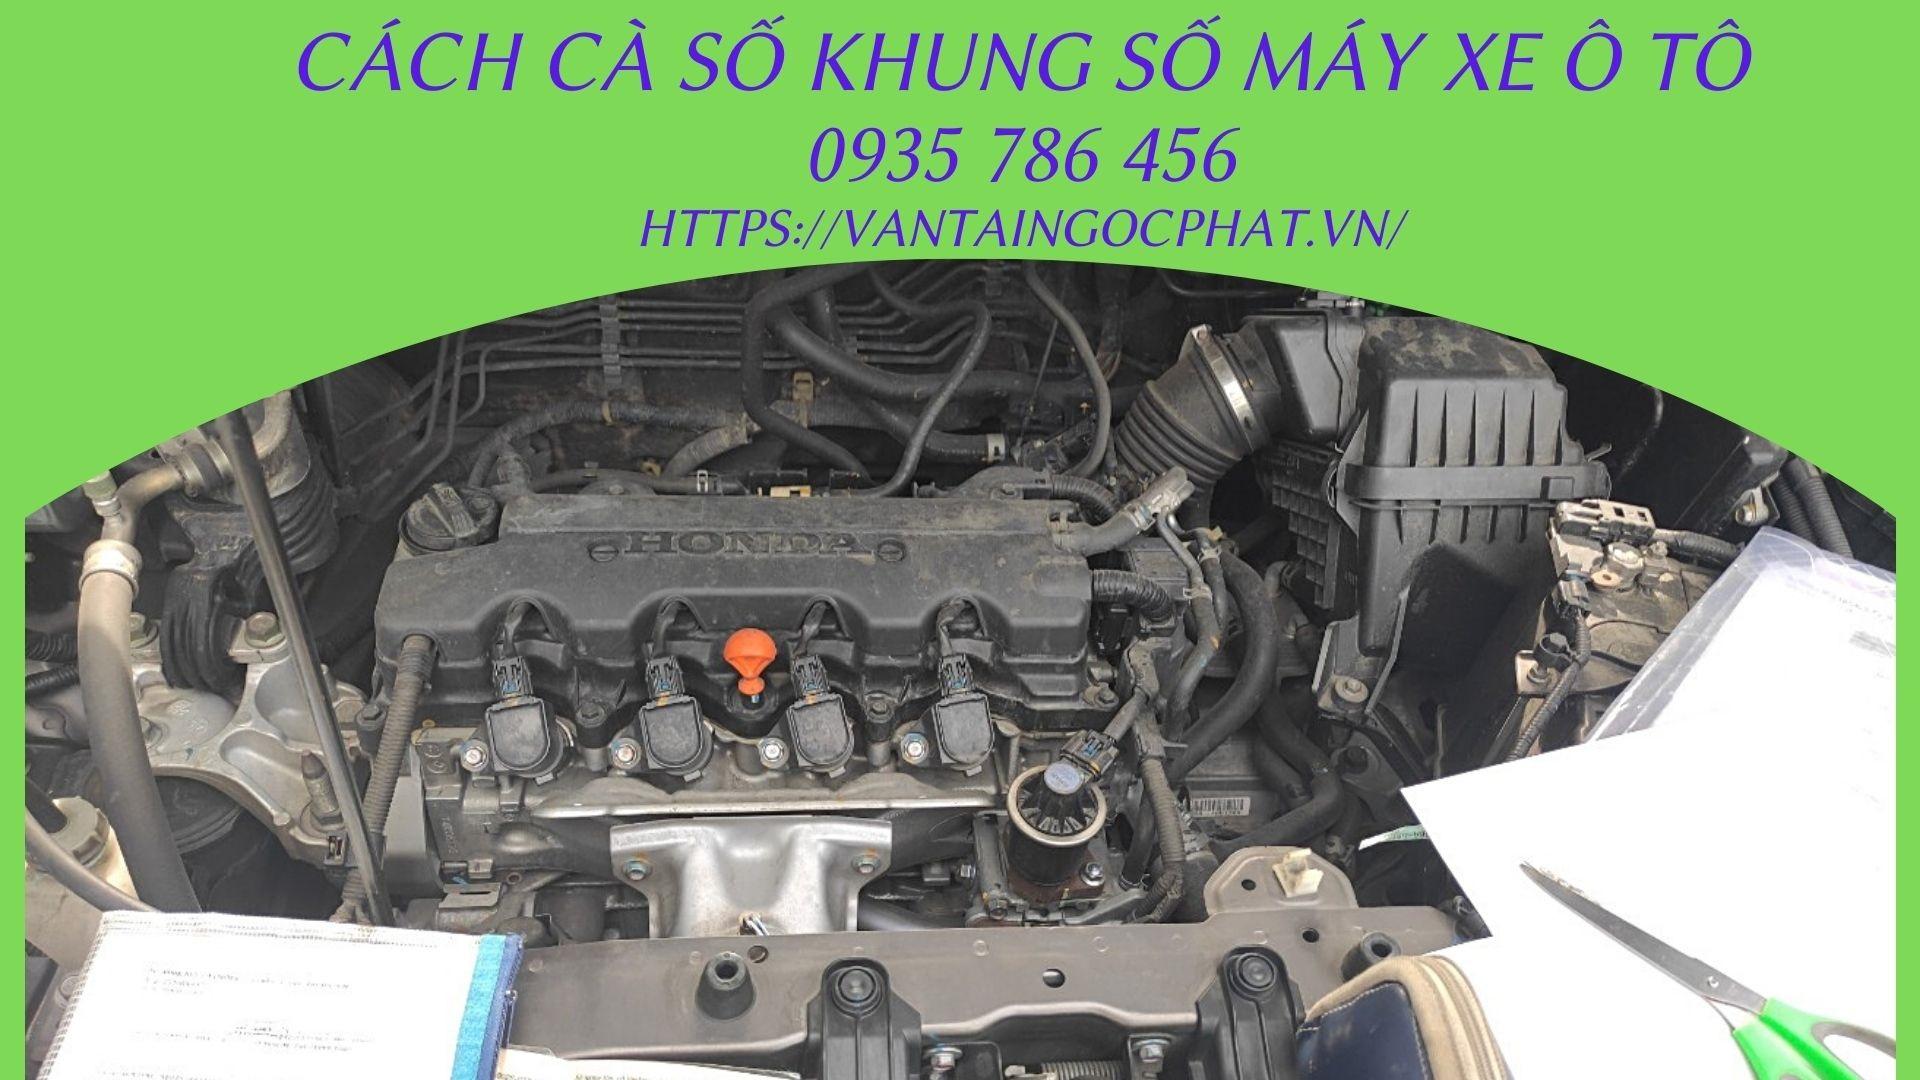 cach-ca-so-khung-so-may-xe-o-to1